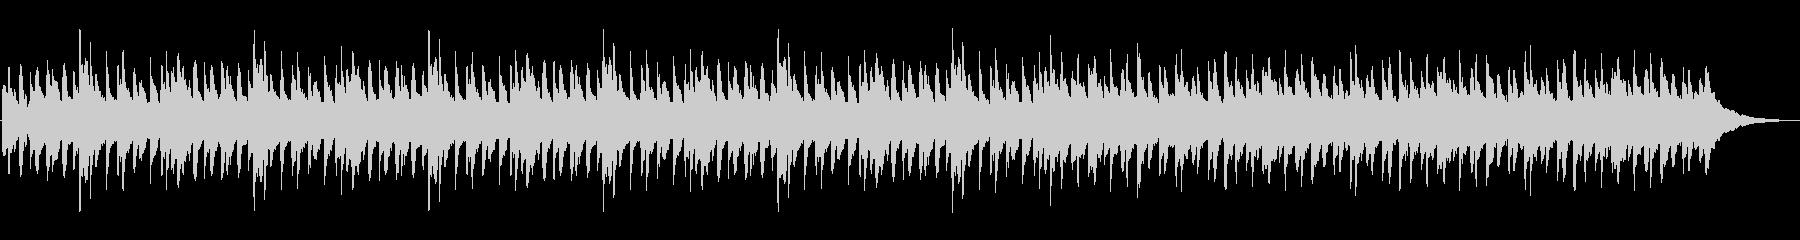 朗読向けしっとりピアノBGM    の未再生の波形